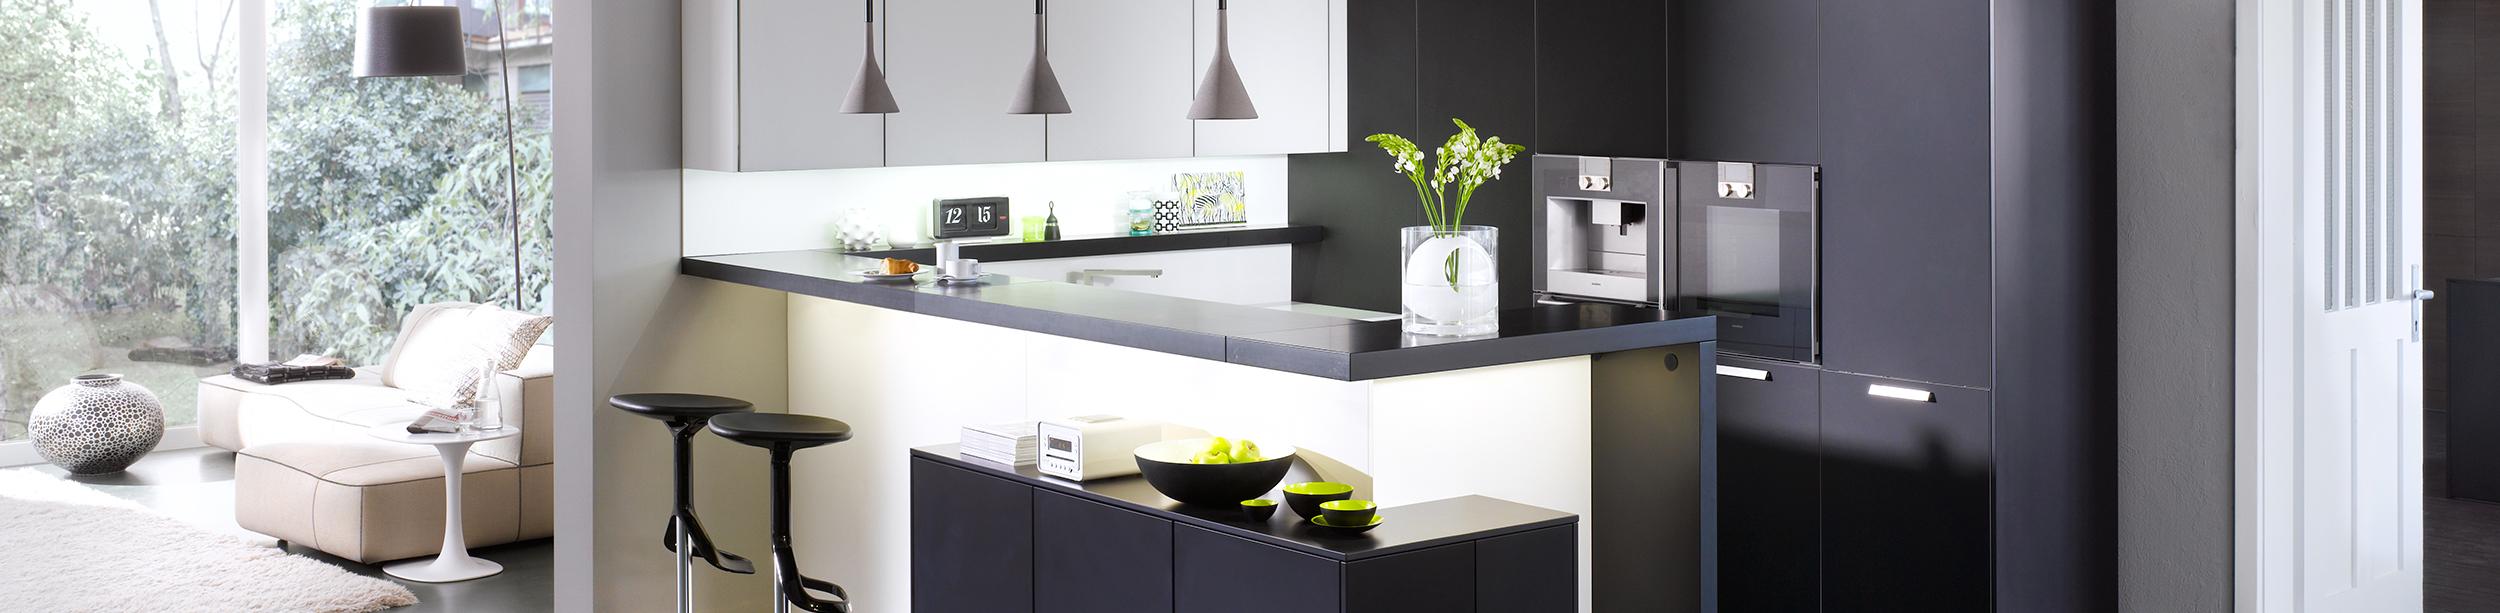 Hochwertige kuechen  Küchen, Einbaugeräte und Zubehör – Einrichten mit Top-Marken ...